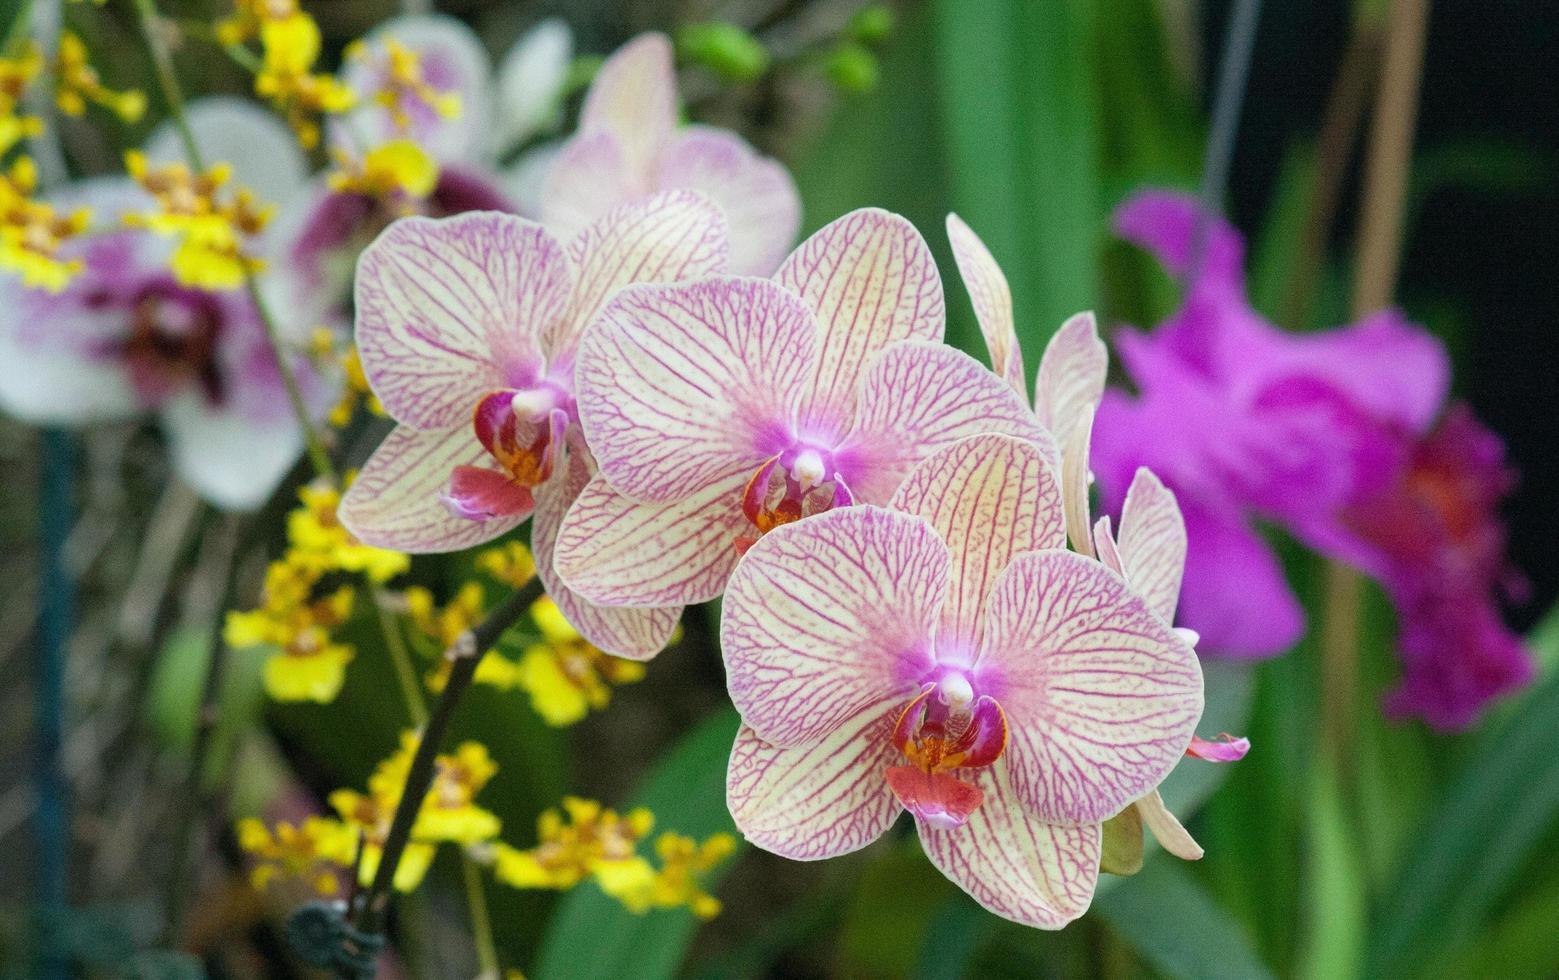 Blumen in einem Garten foto